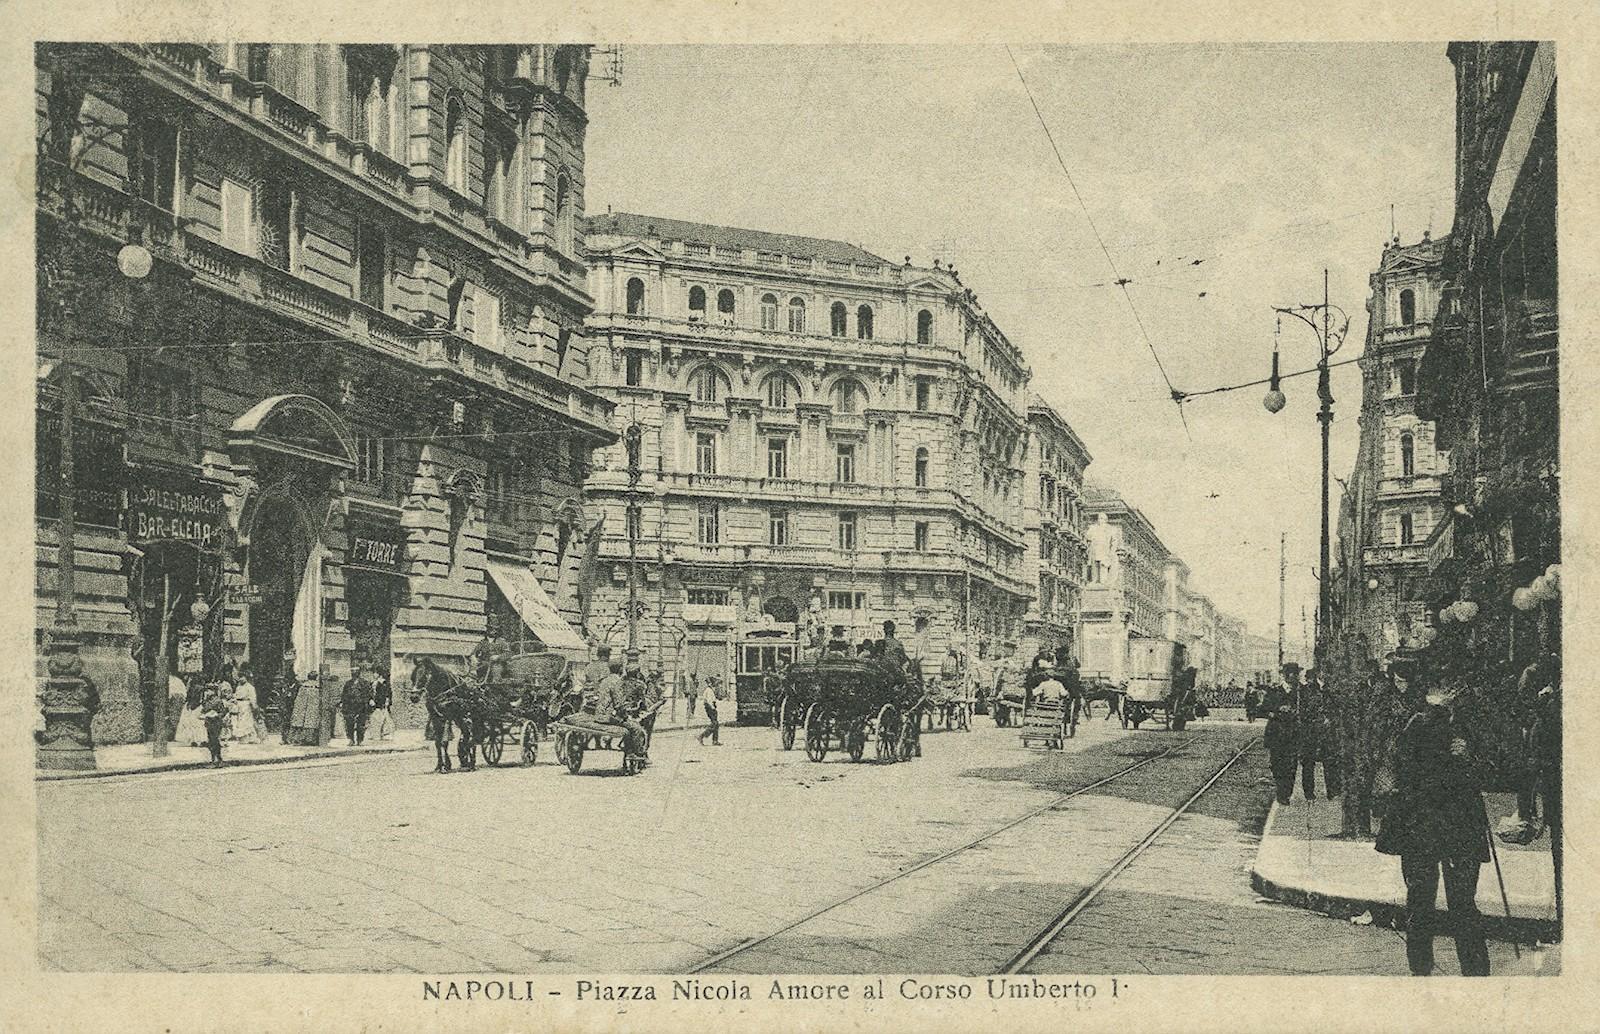 Corso Umberto I agli inizi del '900. I pali sostengono lampade a incandescenza